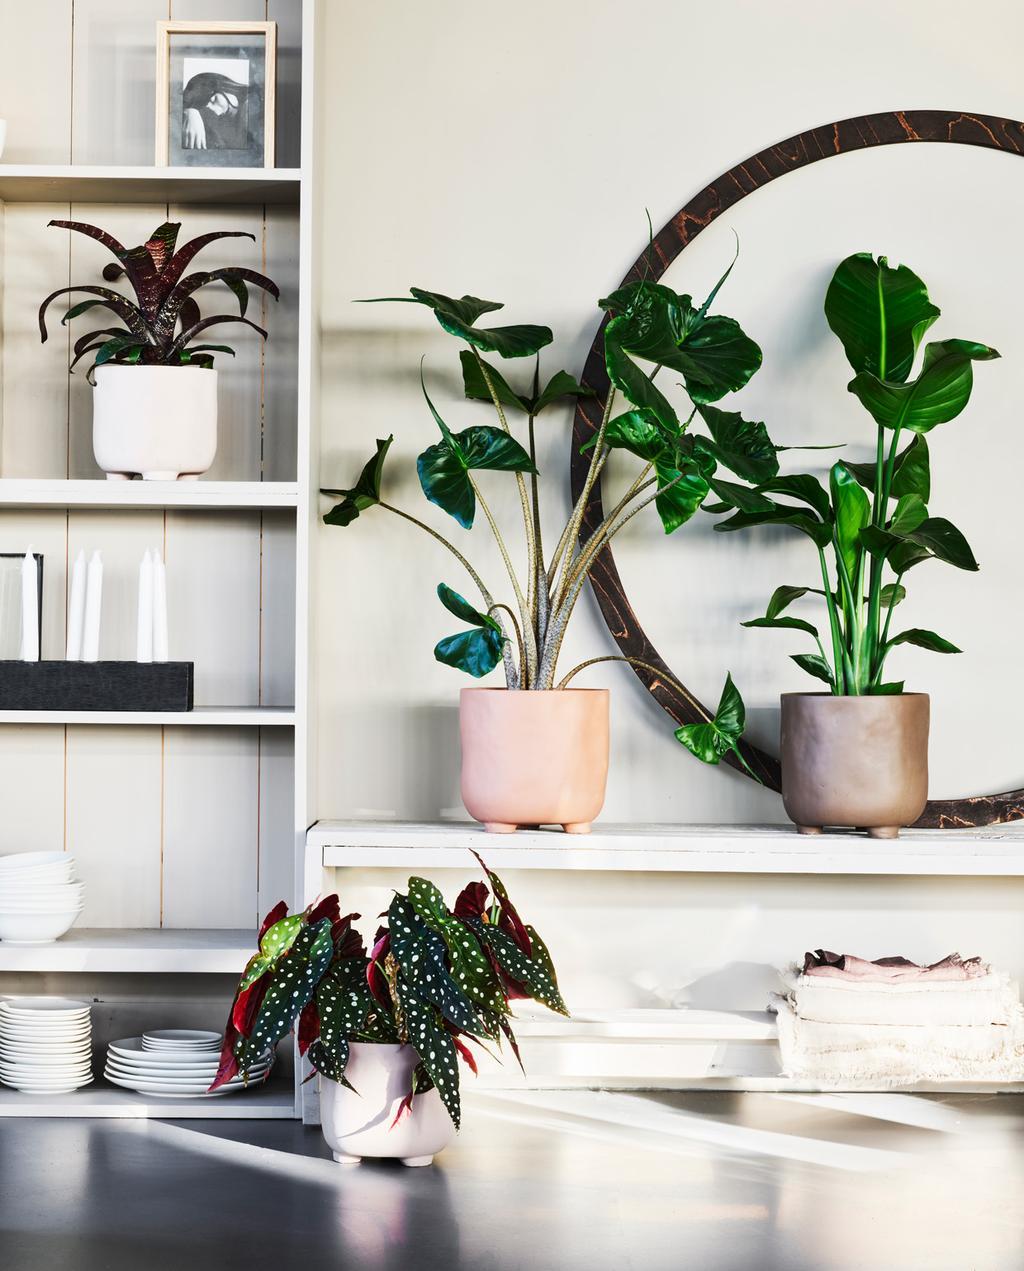 vtwonen pot en plant collectie in boekenkast